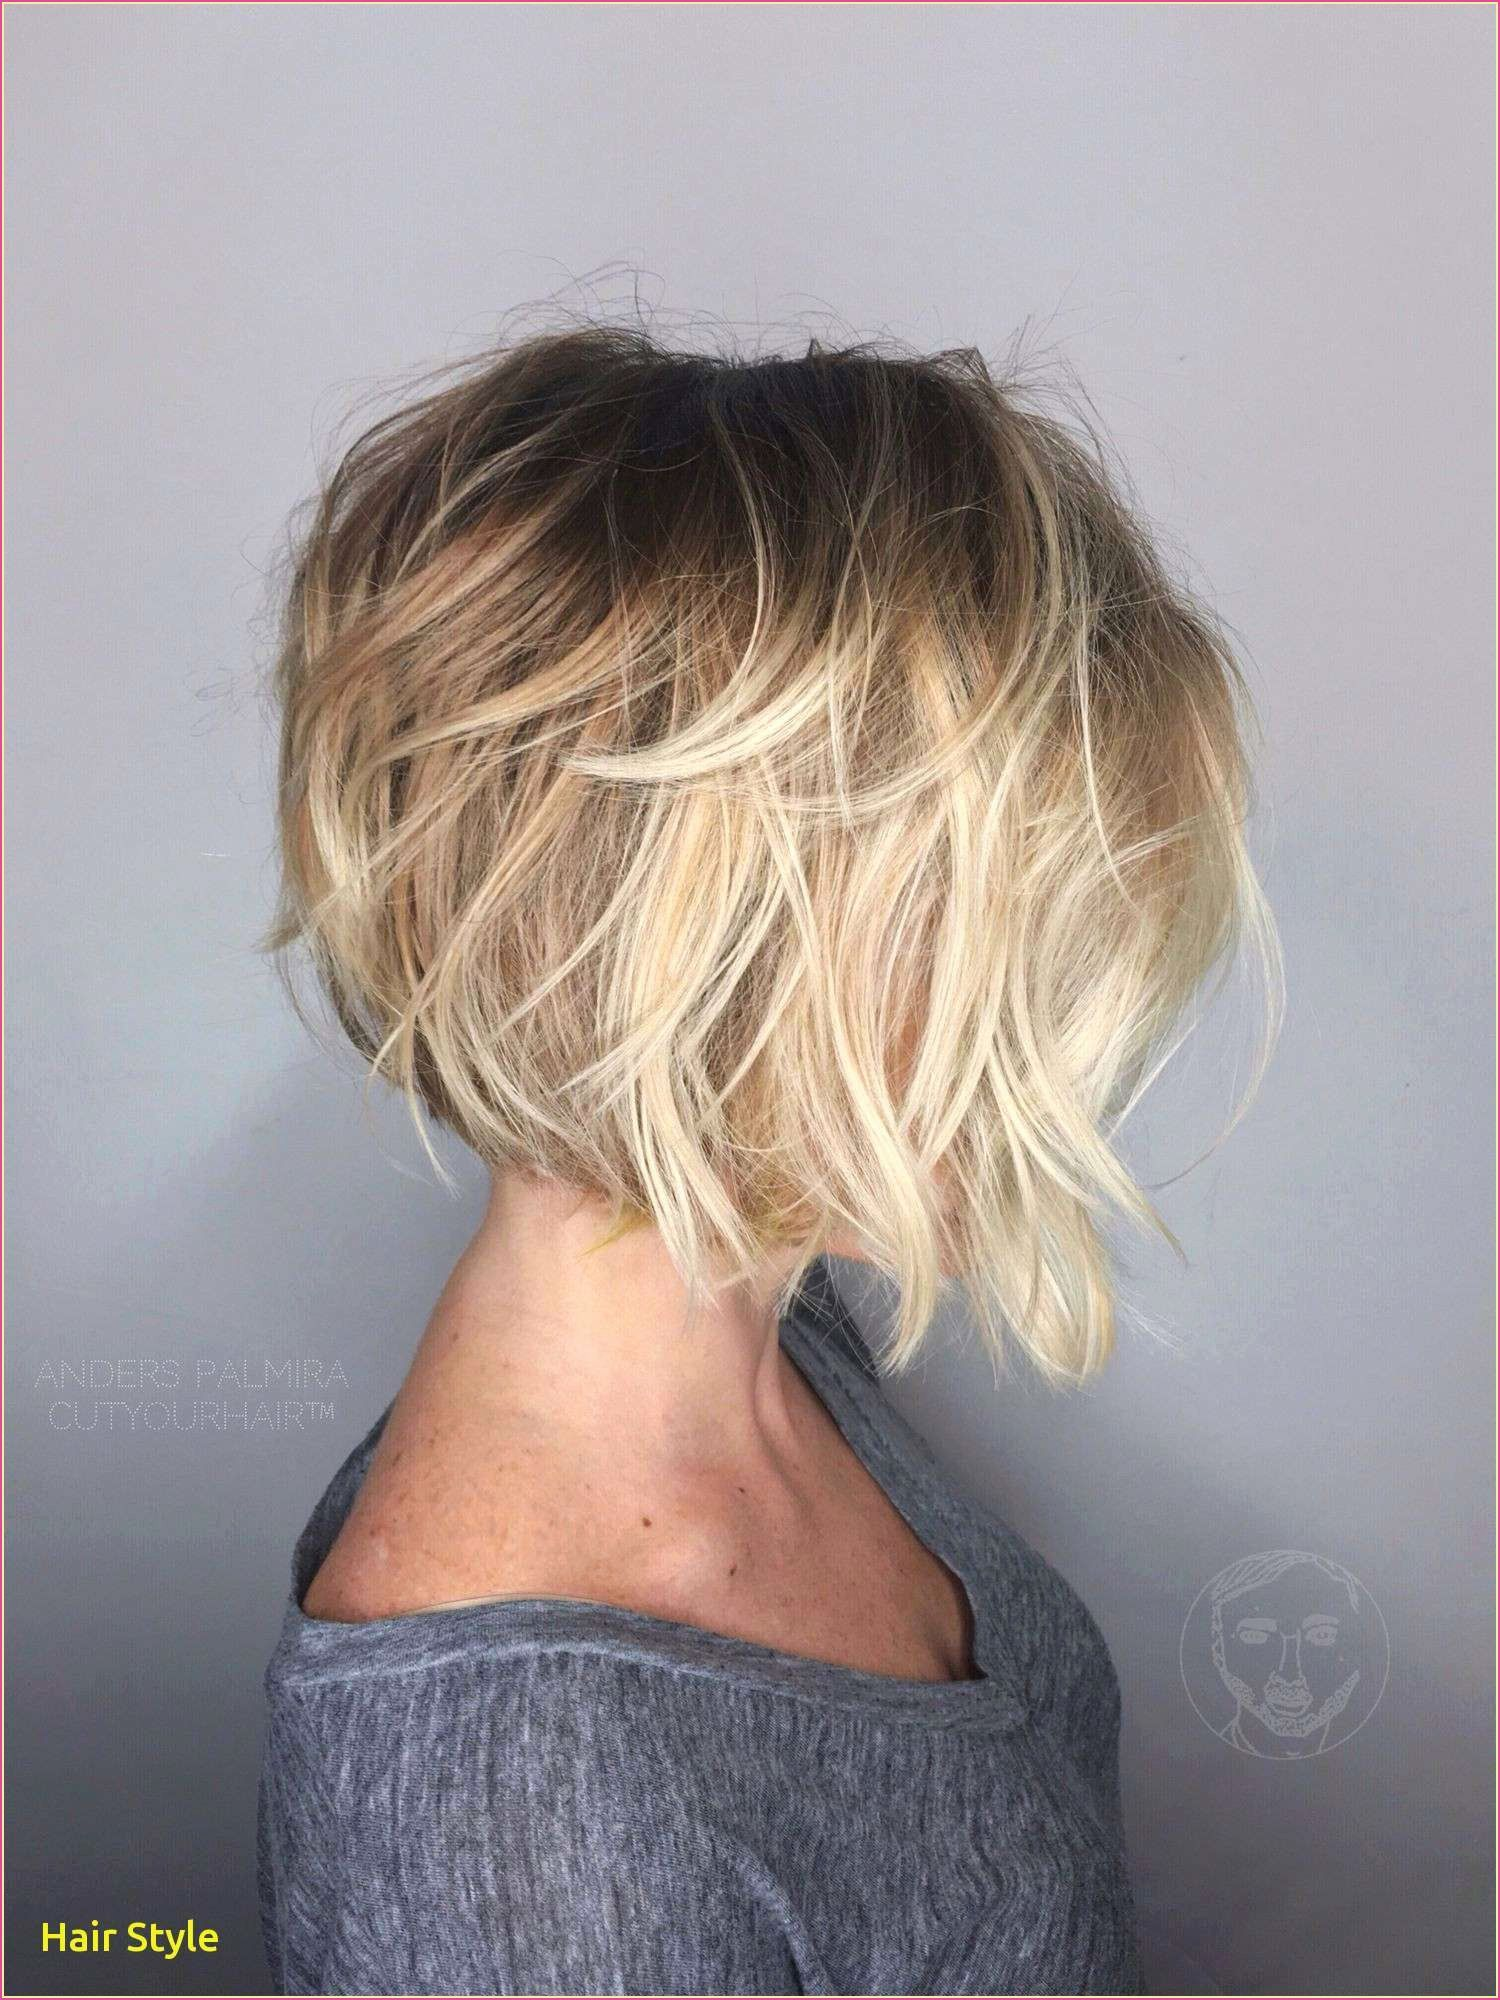 Frisurentrends 2020 Damen Mittellang Frisurentrends2020 Frisurentrends 2020 Damen Mittellang Frisurentrends 2020 In 2020 Haarschnitt Kurz Coole Frisuren Kurzhaar Bobs